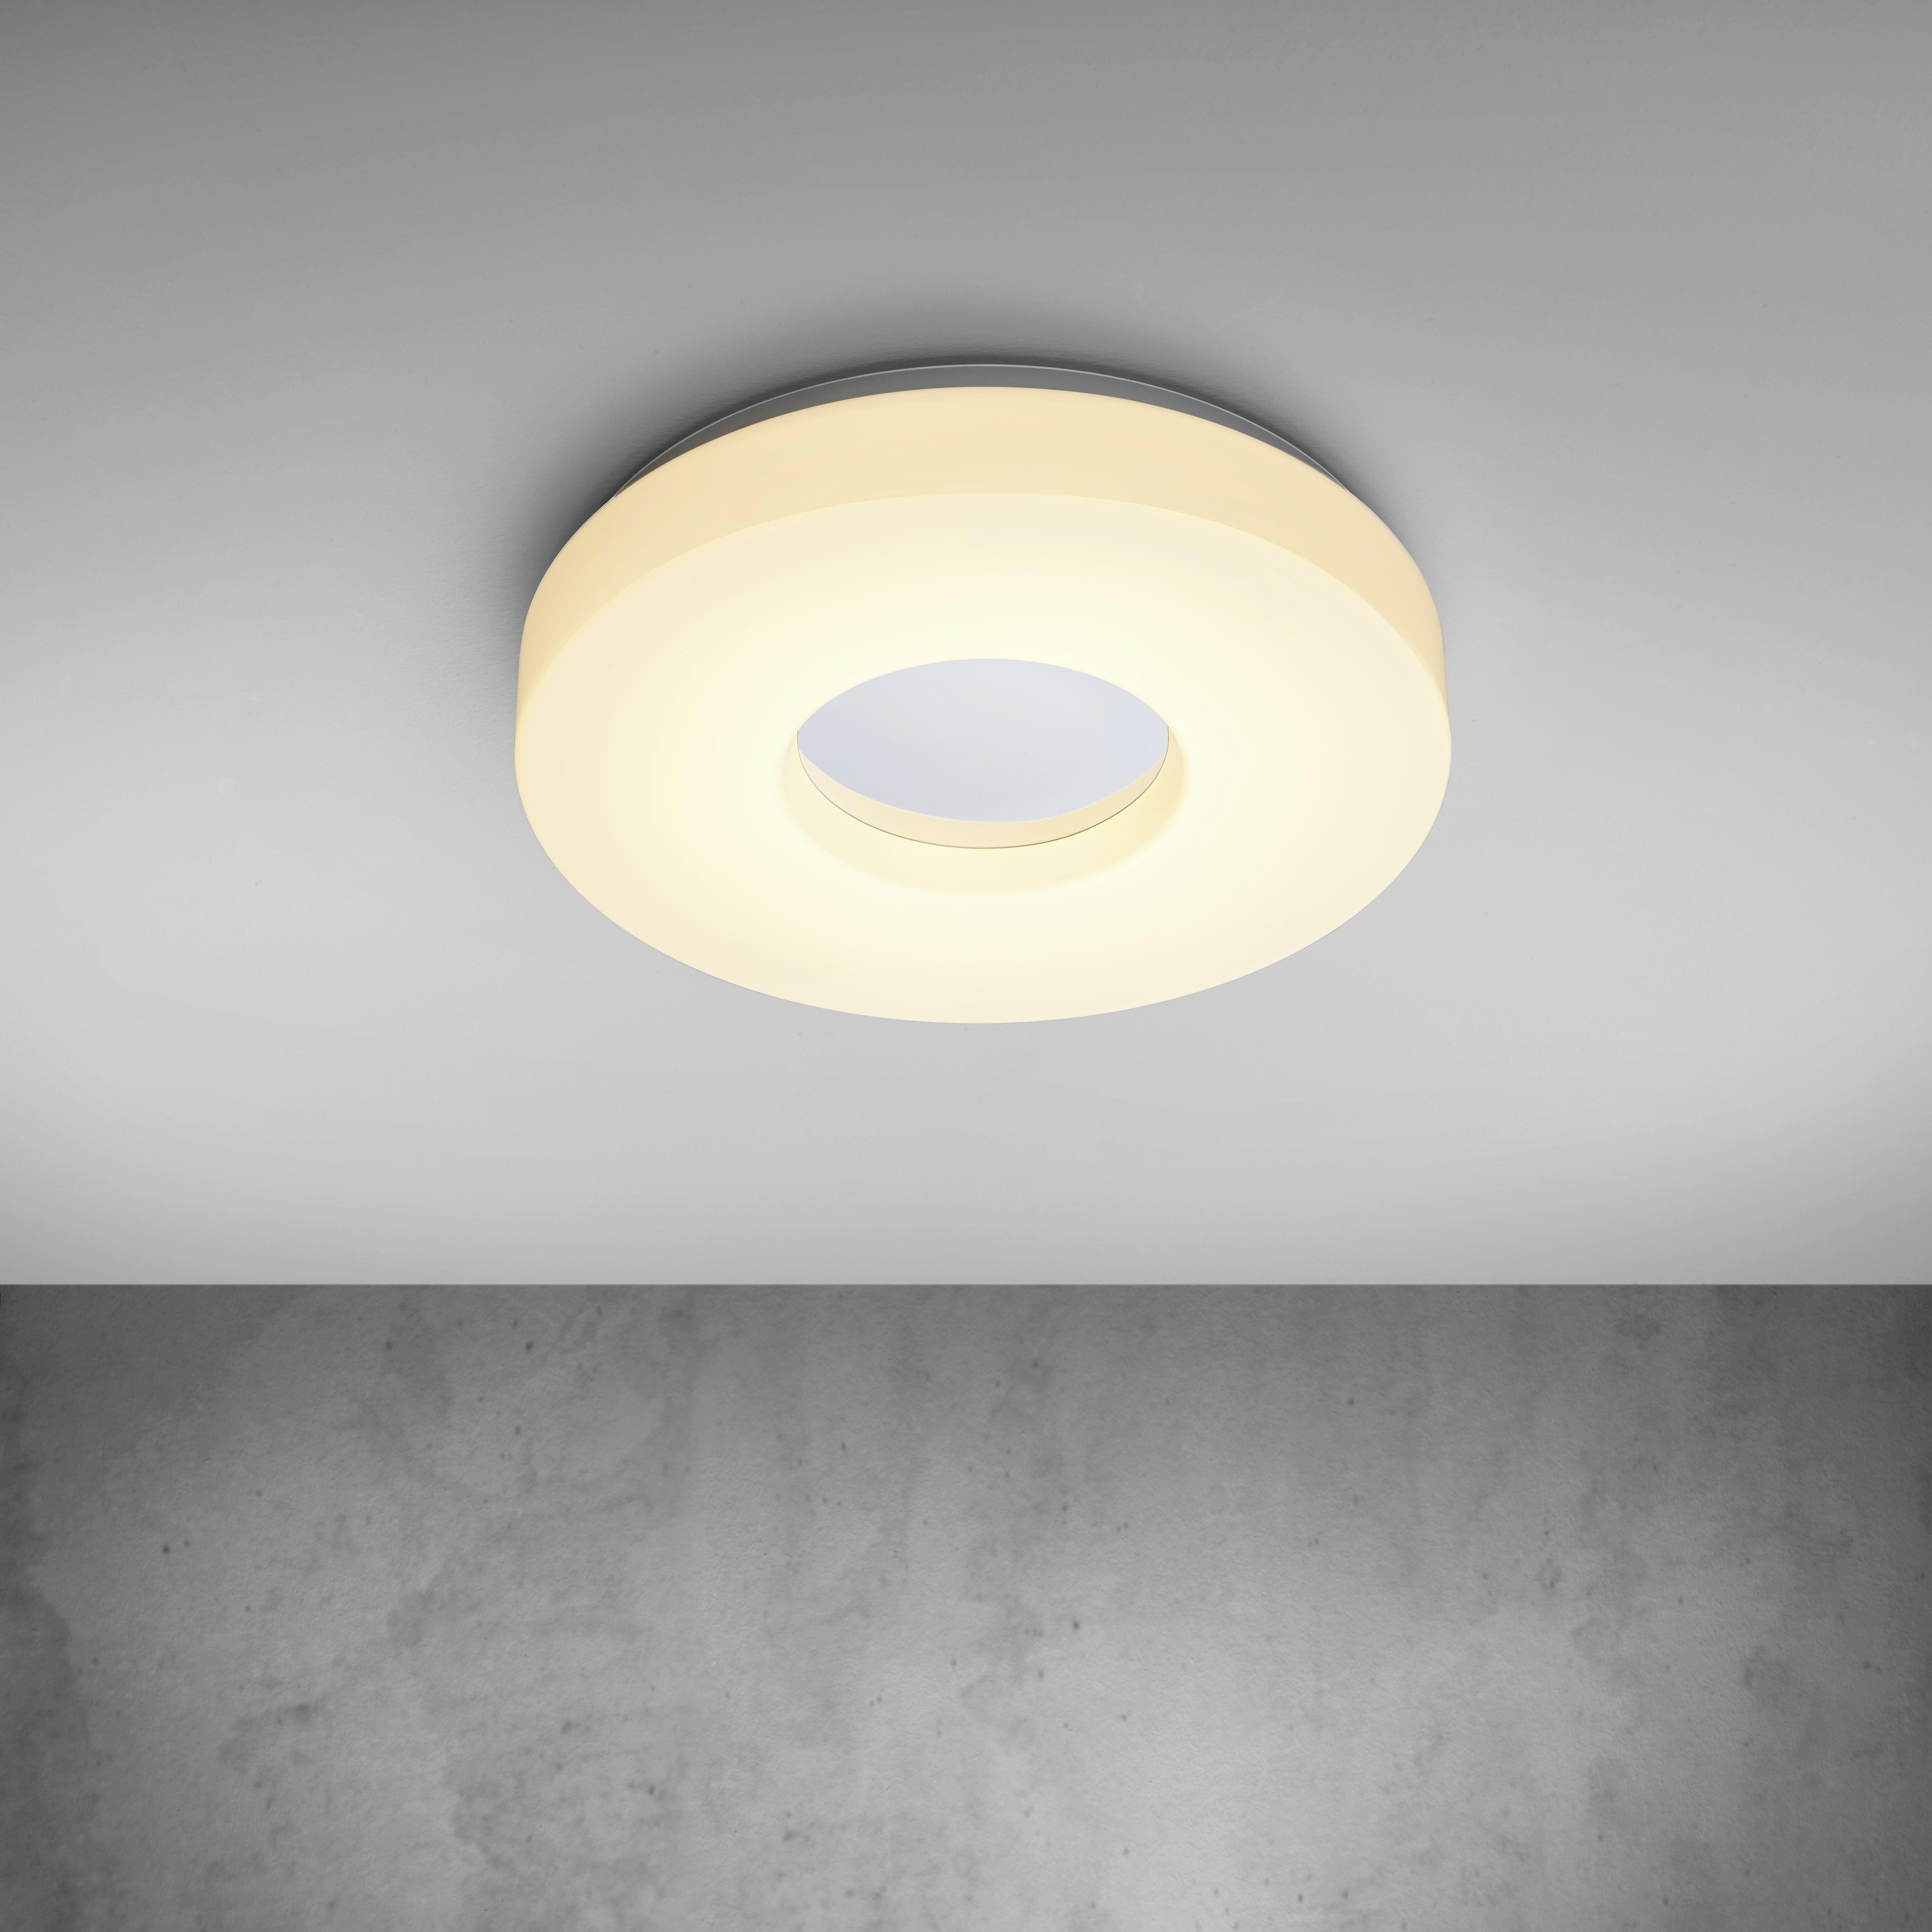 LED-Deckenleuchte Mira - Chromfarben/Weiß, MODERN, Kunststoff/Metall (30/30/6cm) - MÖMAX modern living